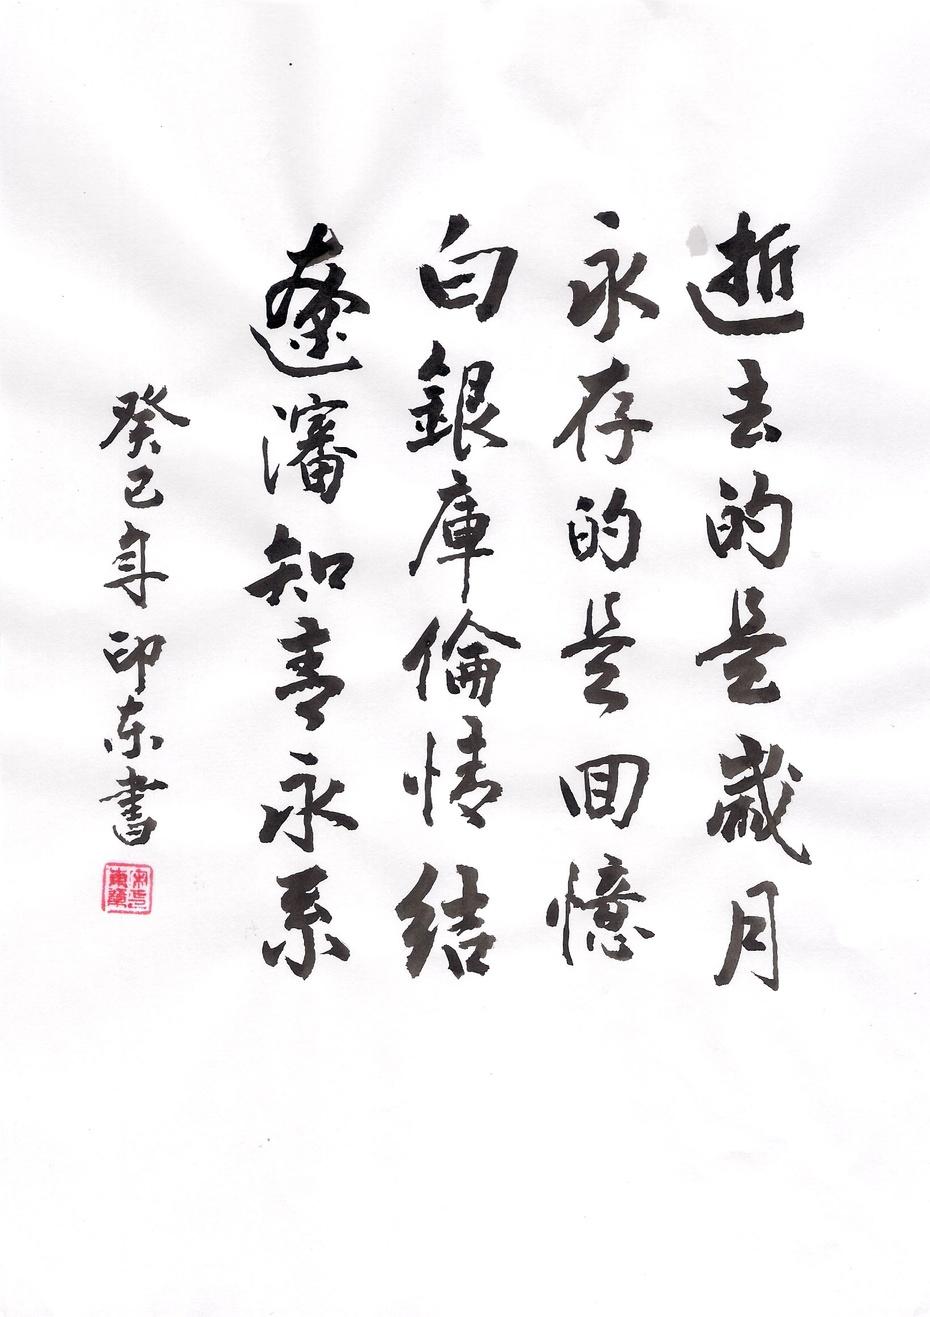 印东书法和绘画作品